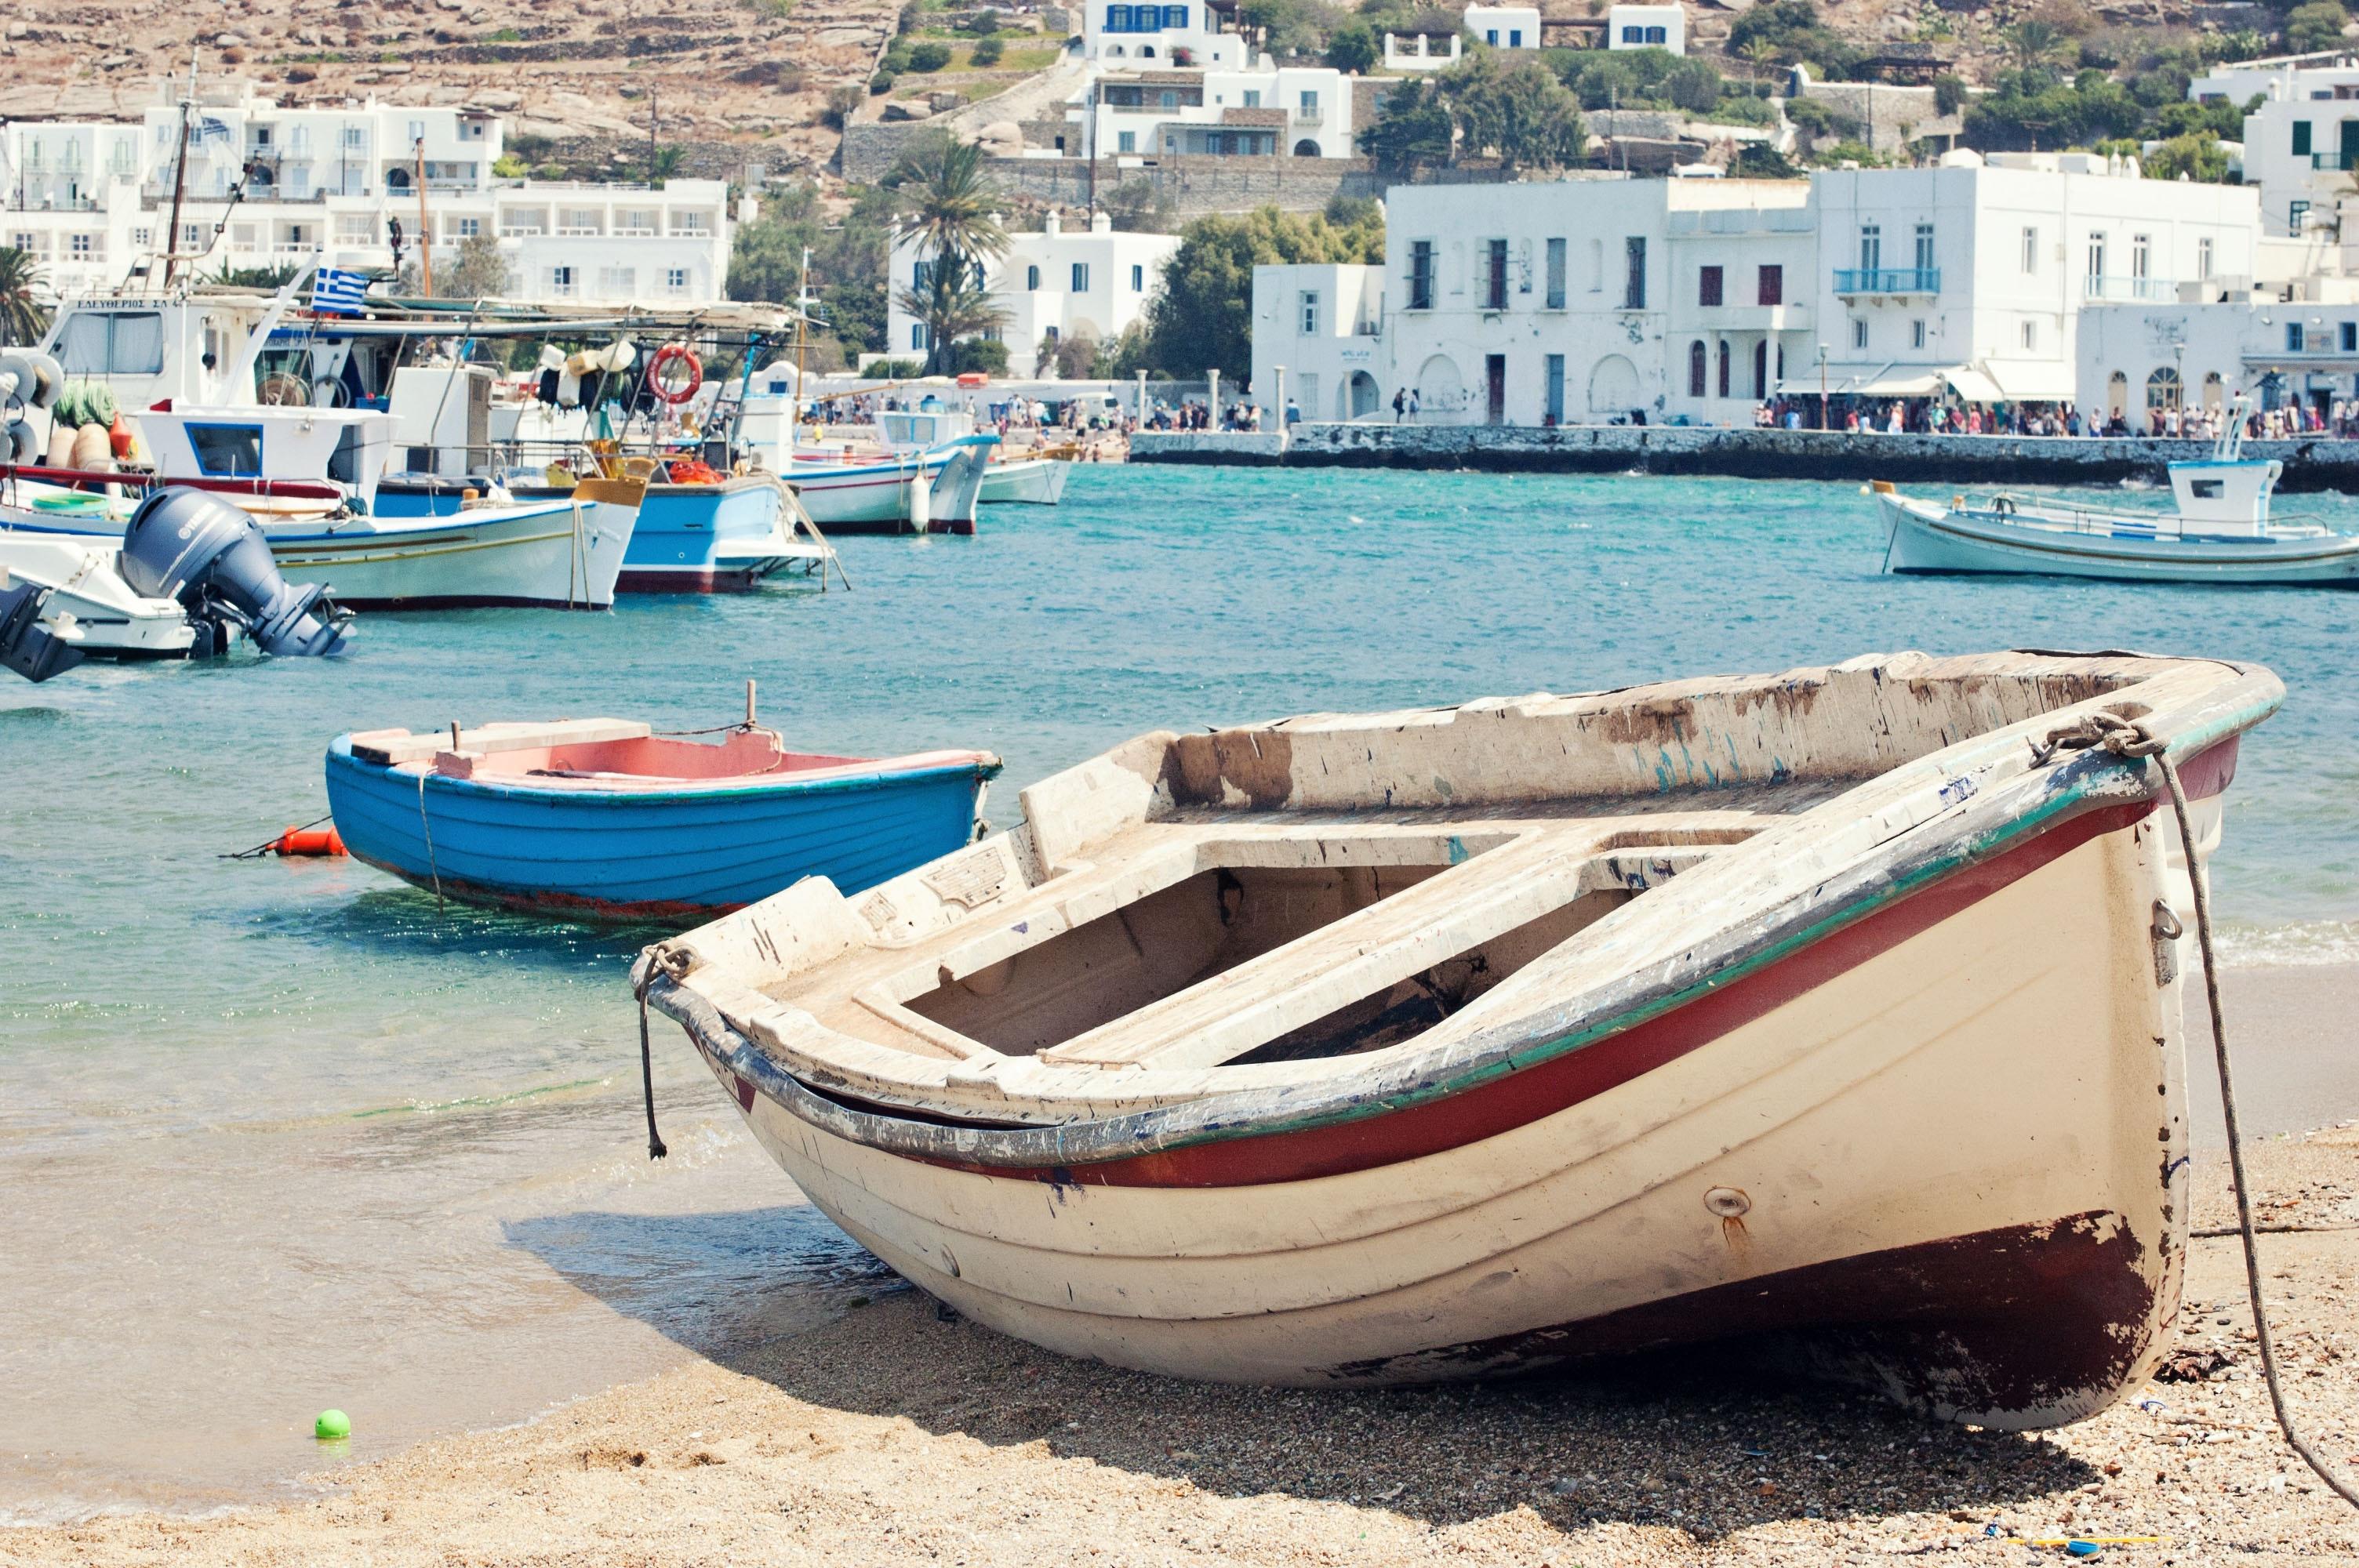 White and maroon jon boat on seashore photo